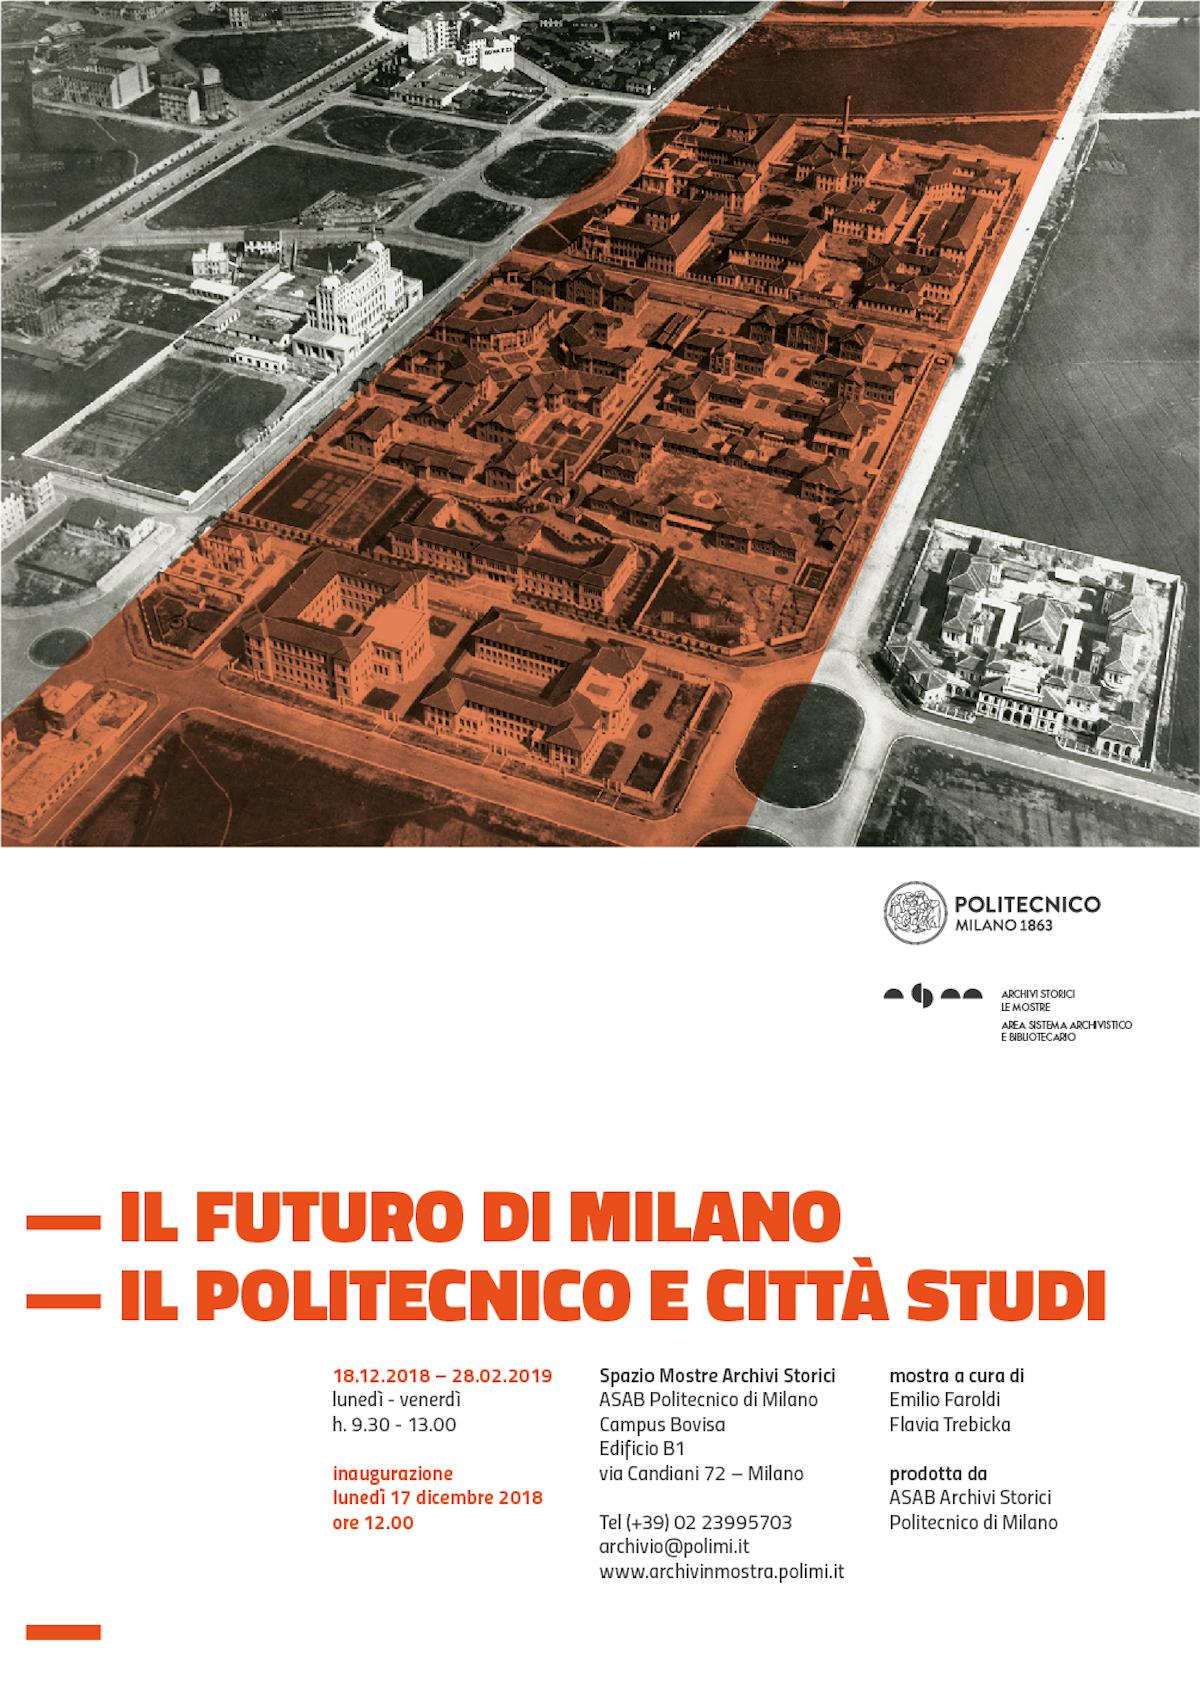 Il futuro di Milano